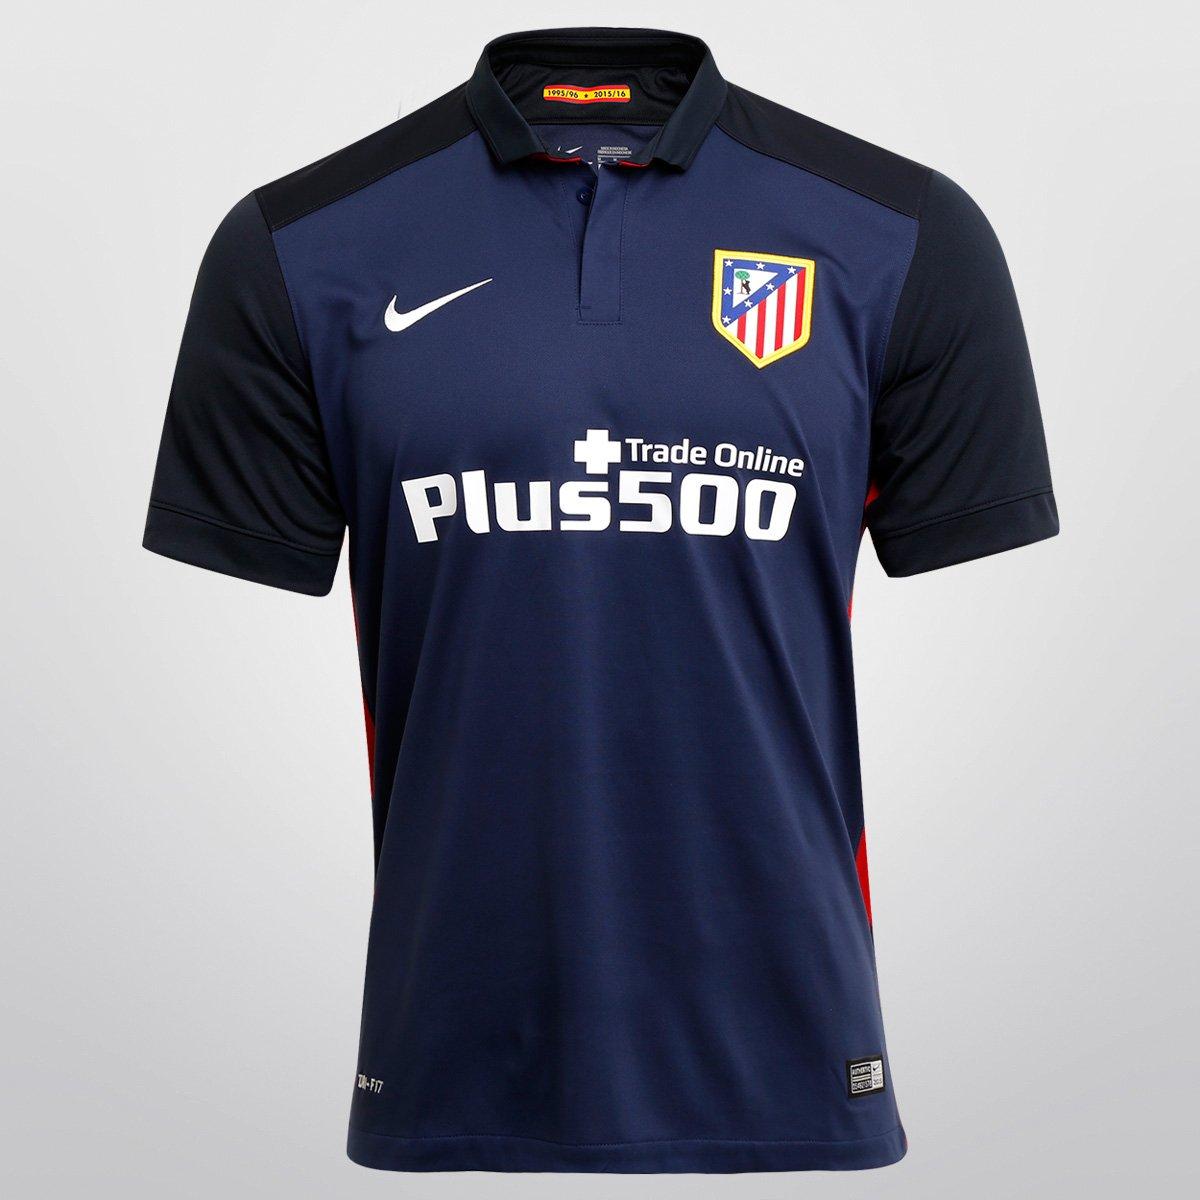 Camisa Nike Atlético de Madrid Away 15 16 s nº - Compre Agora  b157aded80f30